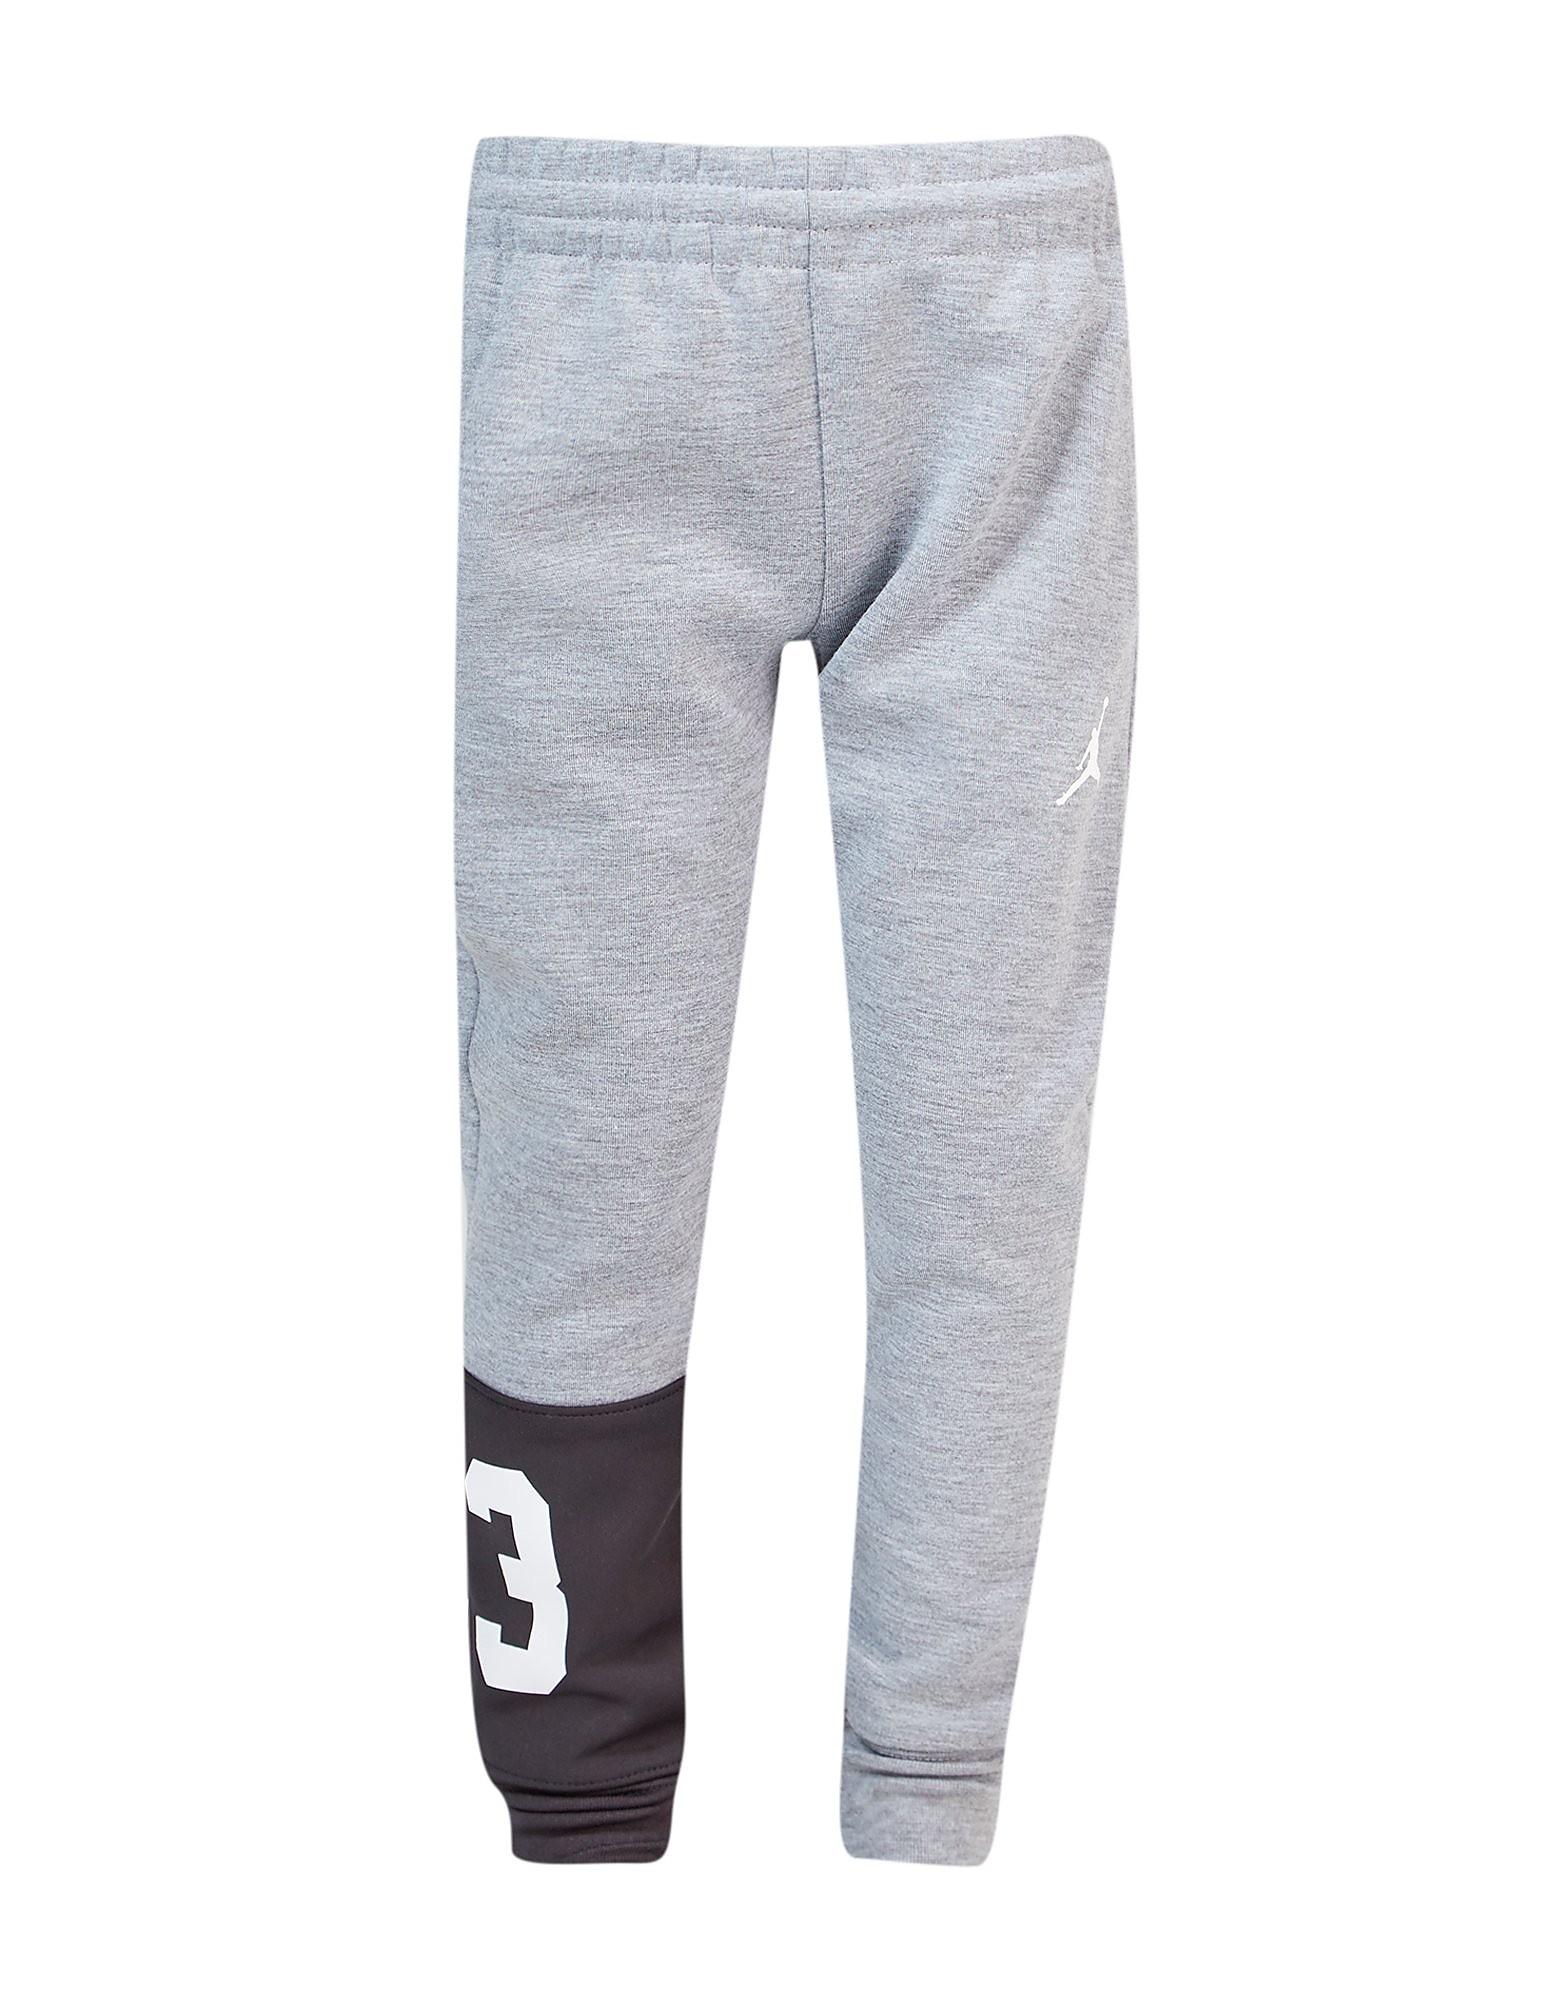 Jordan pantalón de chándal Jumpman 23 infantil